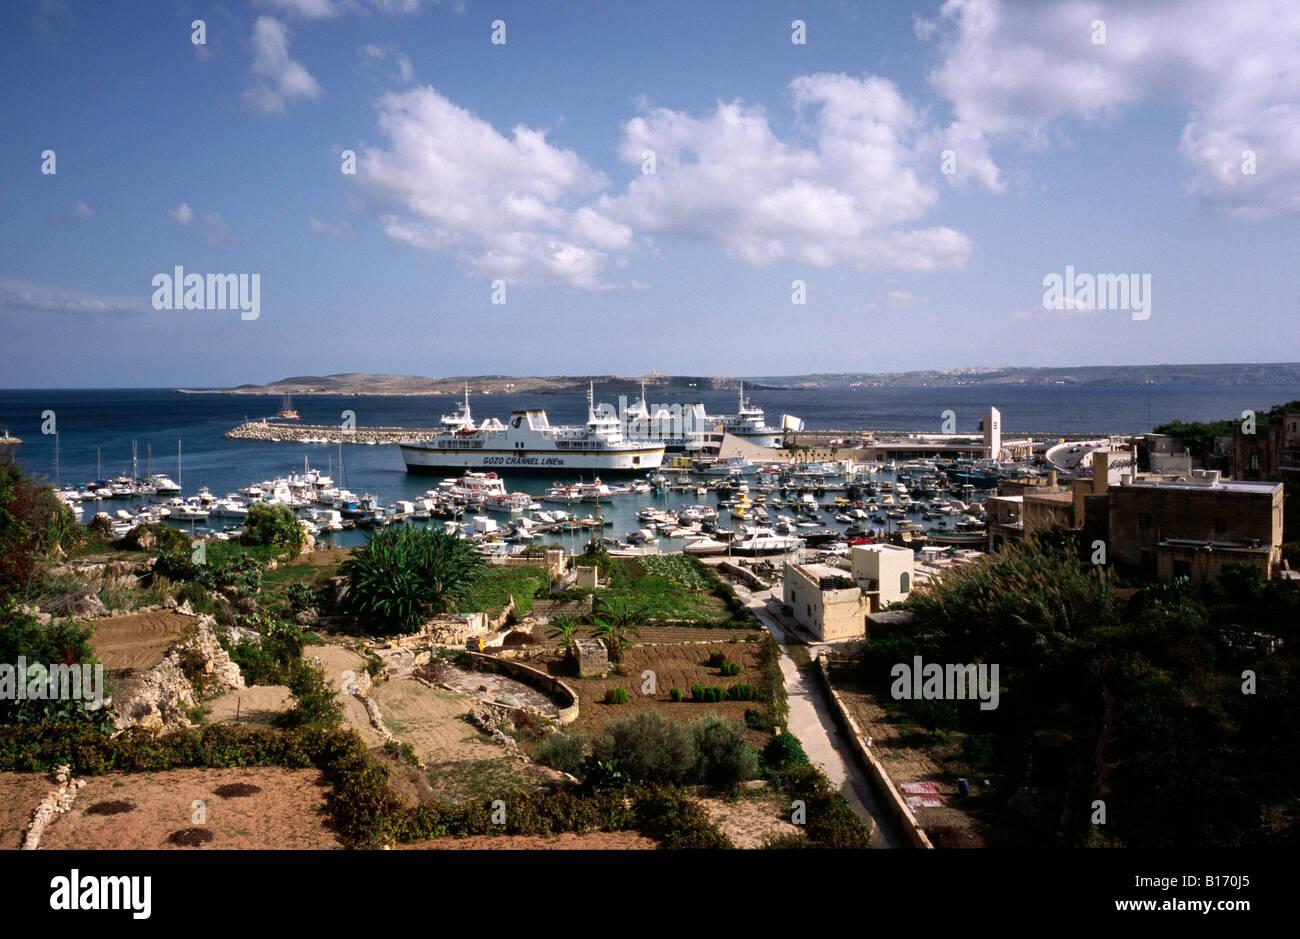 Ott 7, 2007 - Vista di Gozo Mgarr harbour con le isole di Comino e Malta all'indietro. Immagini Stock